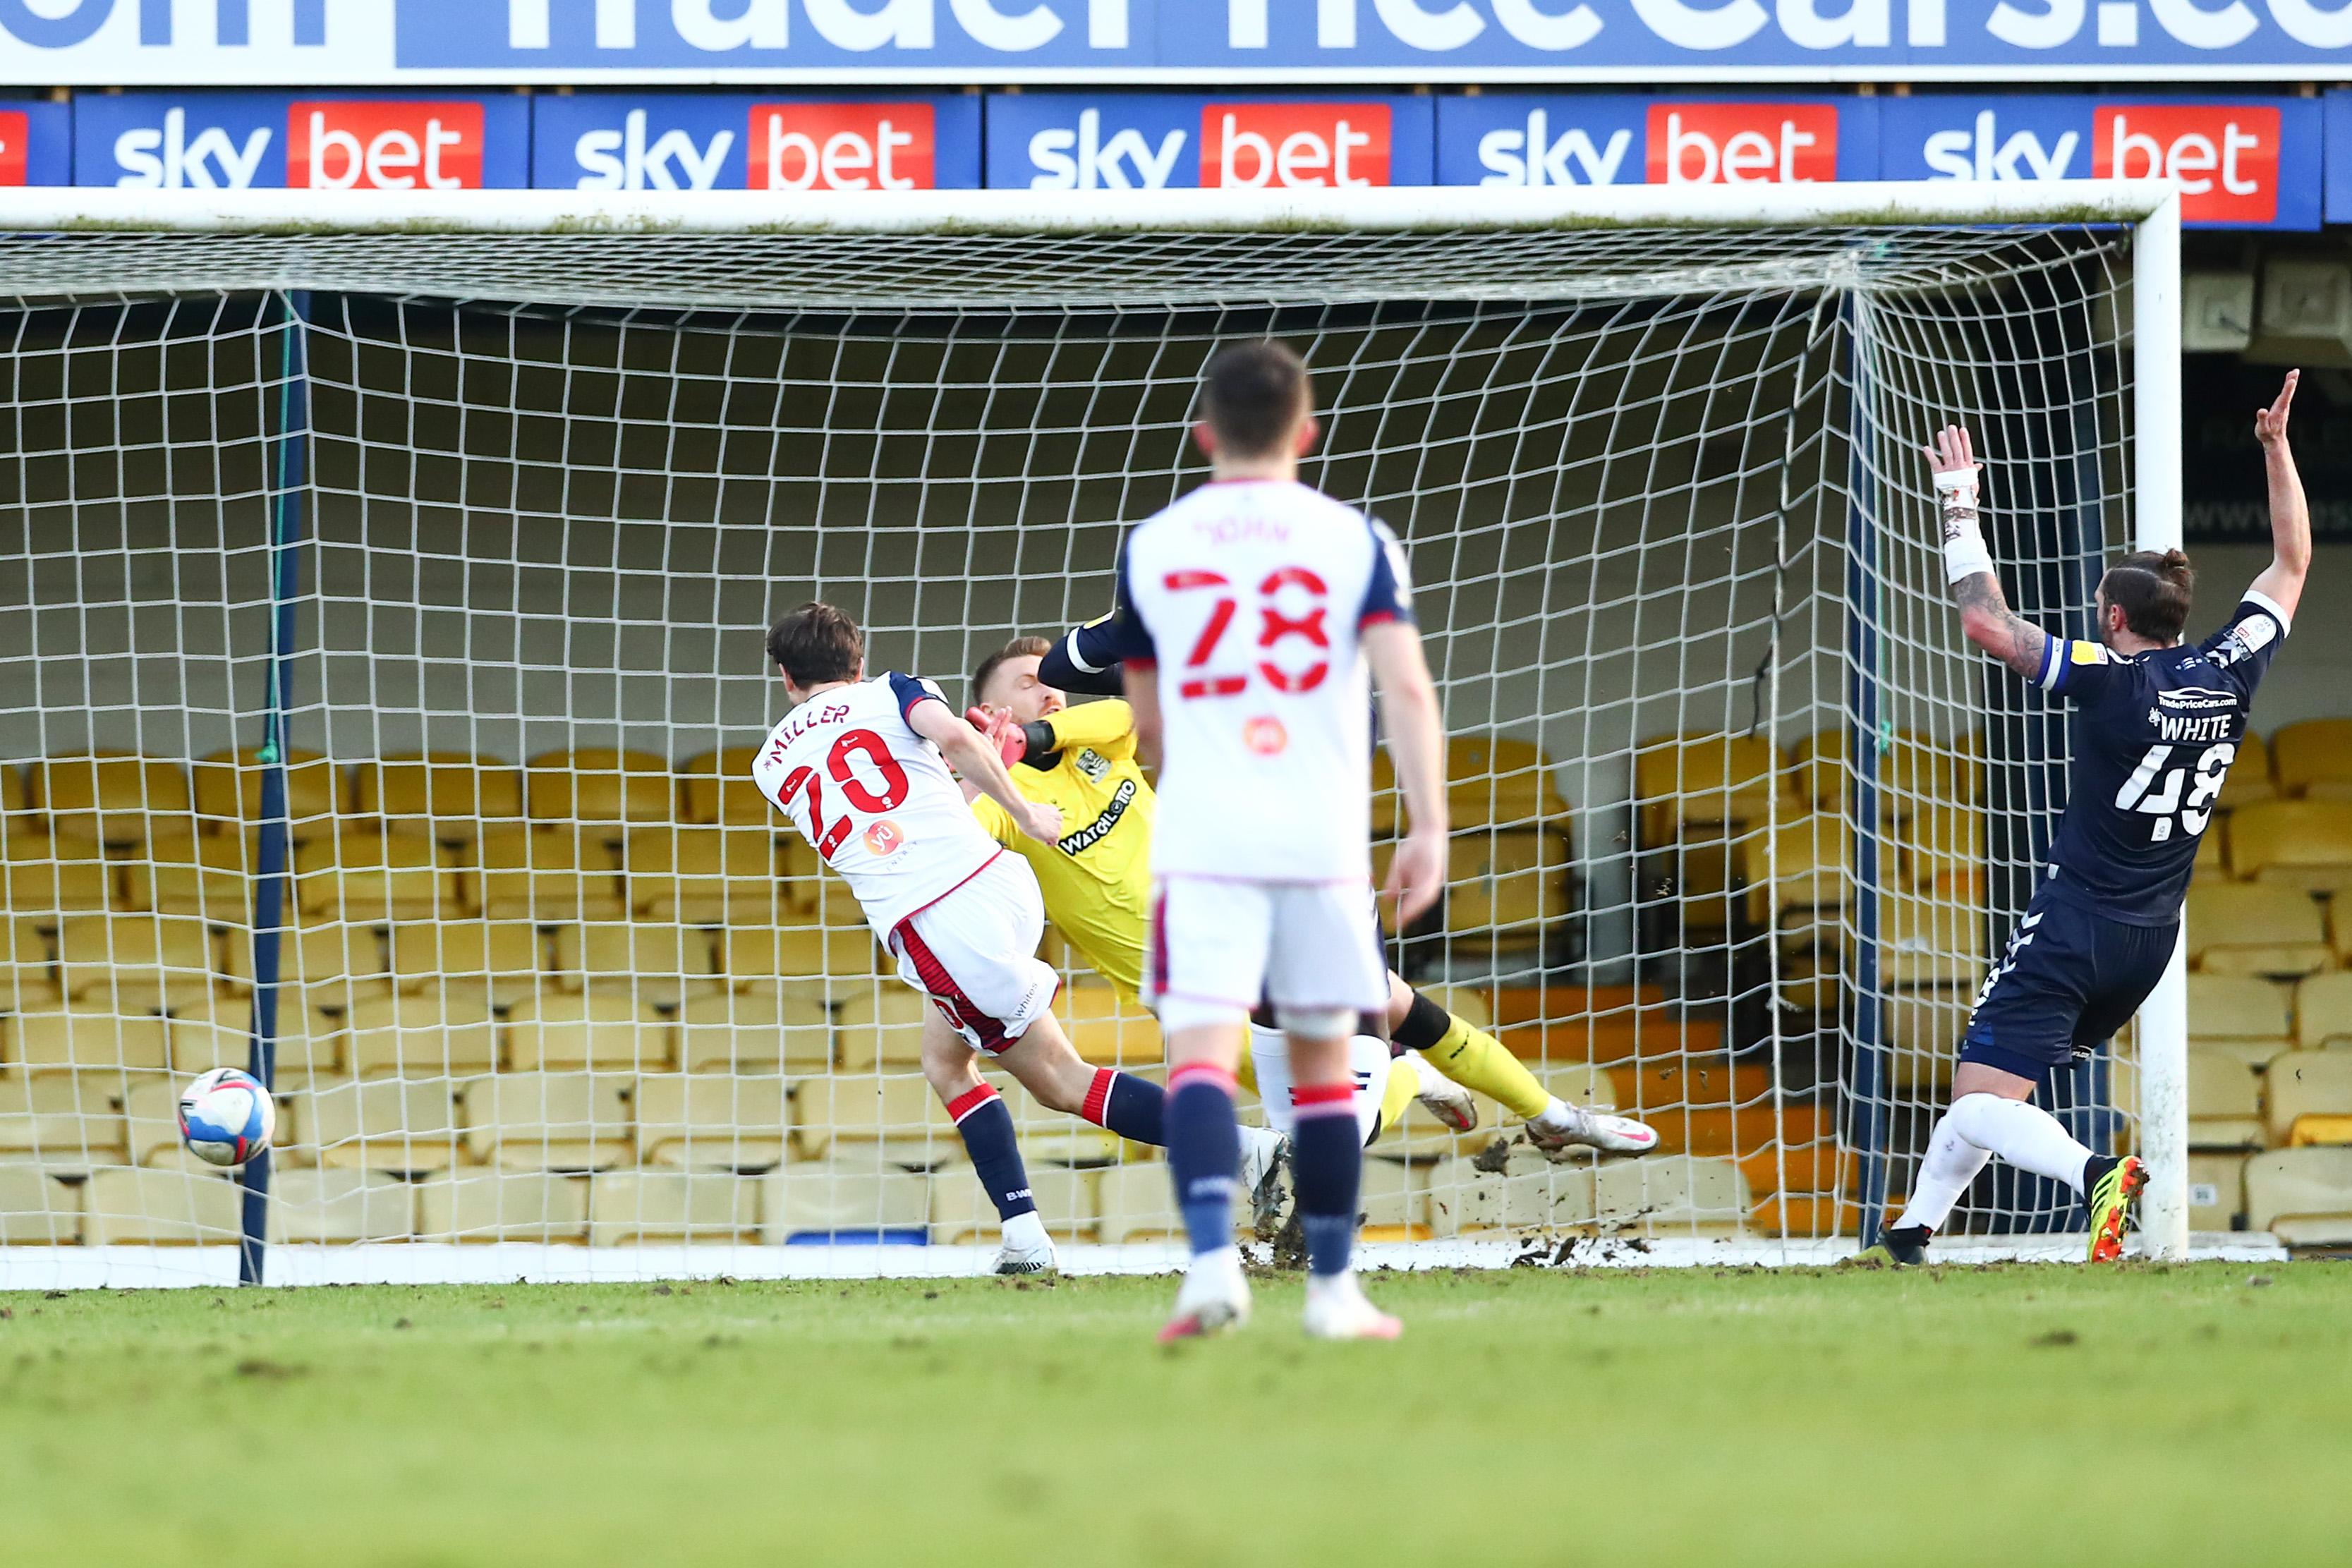 Southend United v Bolton Wanderers - Sky Bet League Two